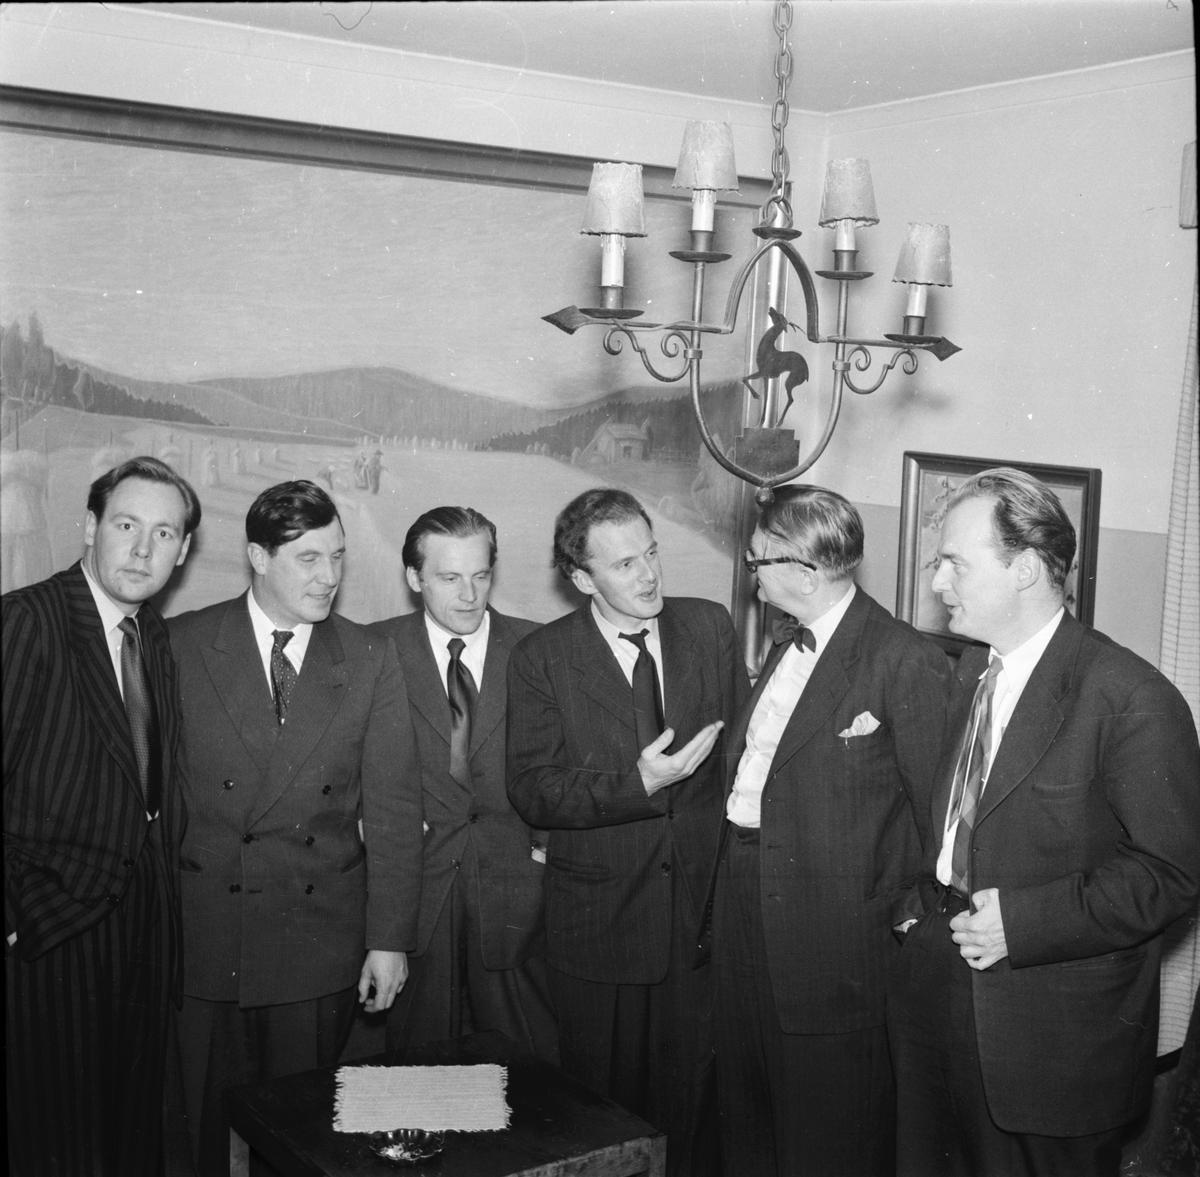 Unga författare Störta tidskrift Karl-Rune Nordqvist, Arne Andersson, Sven Bergkvist Sven Nikotin, Börje Sundberg Bollnäs